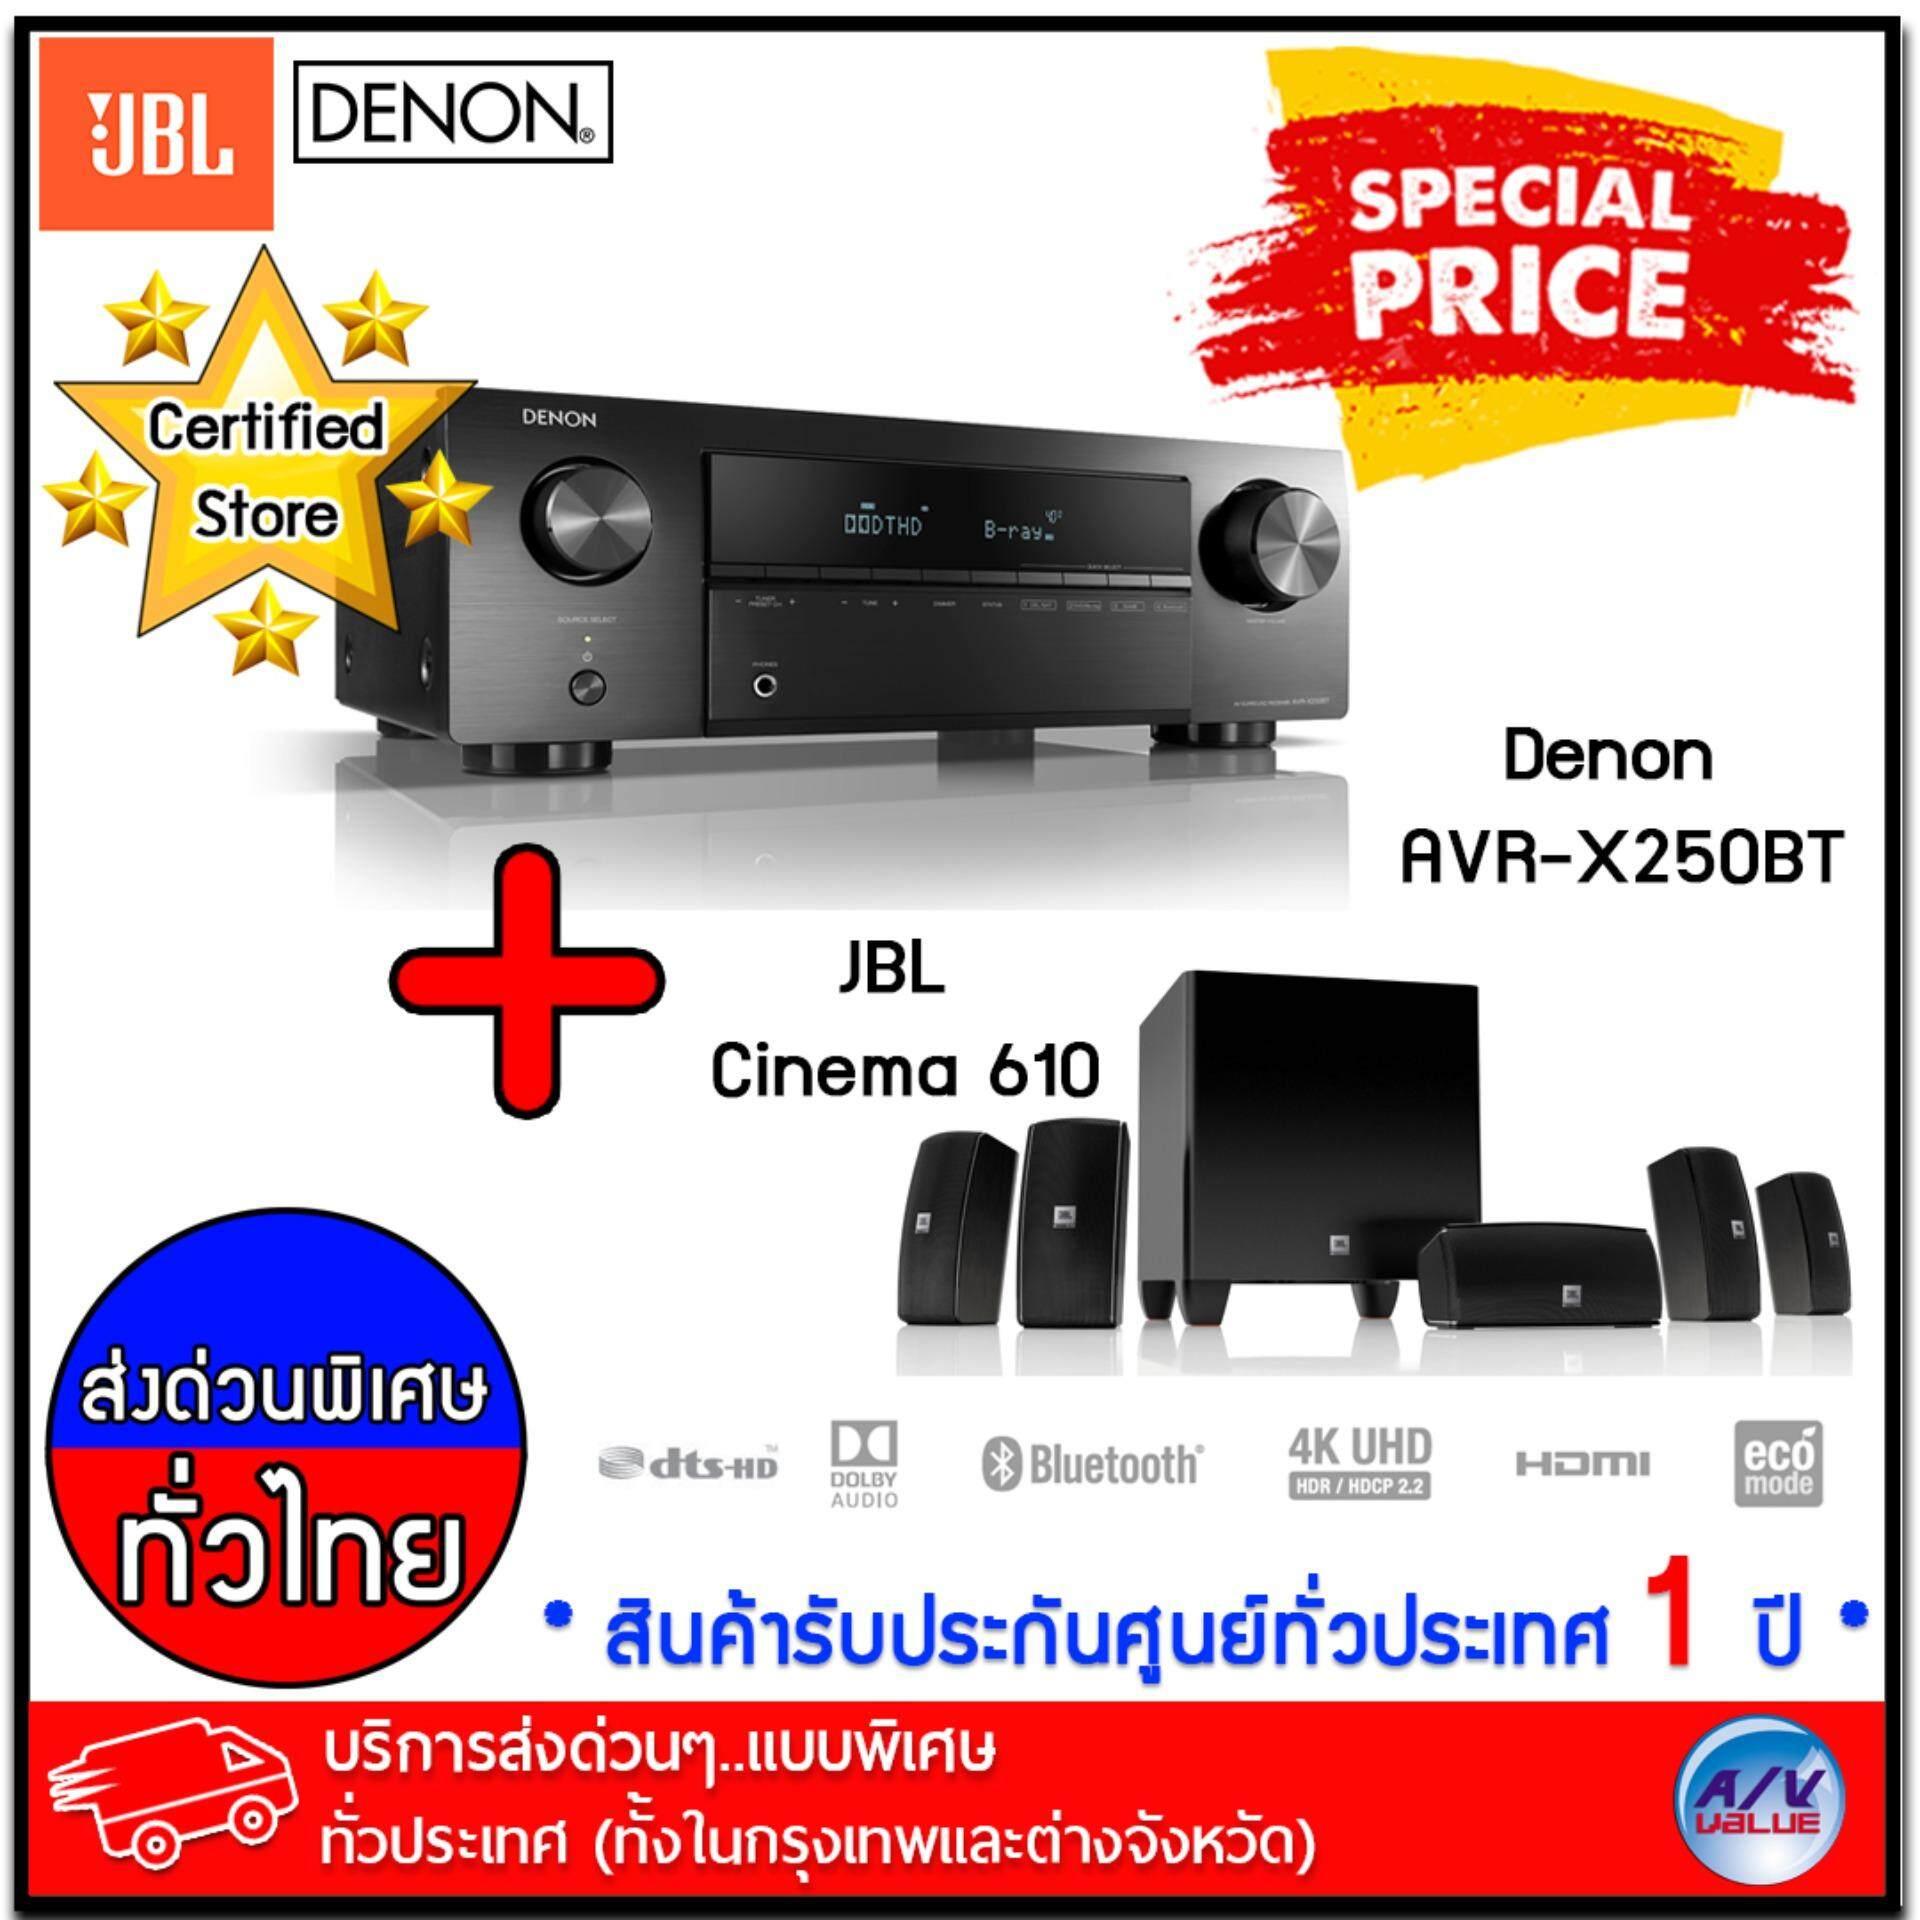 เพชรบุรี Denon AVR-X250BT 5.1 Ch. 4K Ultra HD AV Receiver with Bluetooth + JBL CINEMA 610  Advanced 5.1 speaker system *** บริการส่งด่วนแบบพิเศษ!ทั่วประเทศ (ทั้งในกรุงเทพและต่างจังหวัด)***